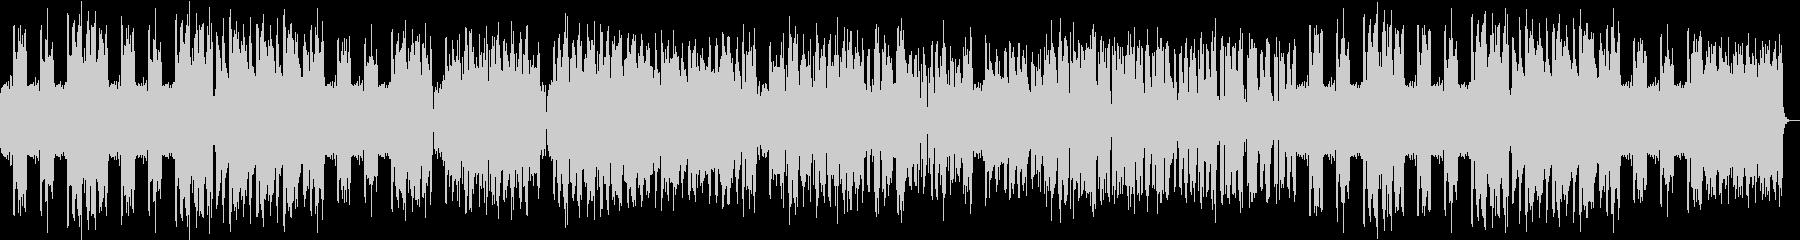 フルートの軽やかなボサノバの未再生の波形